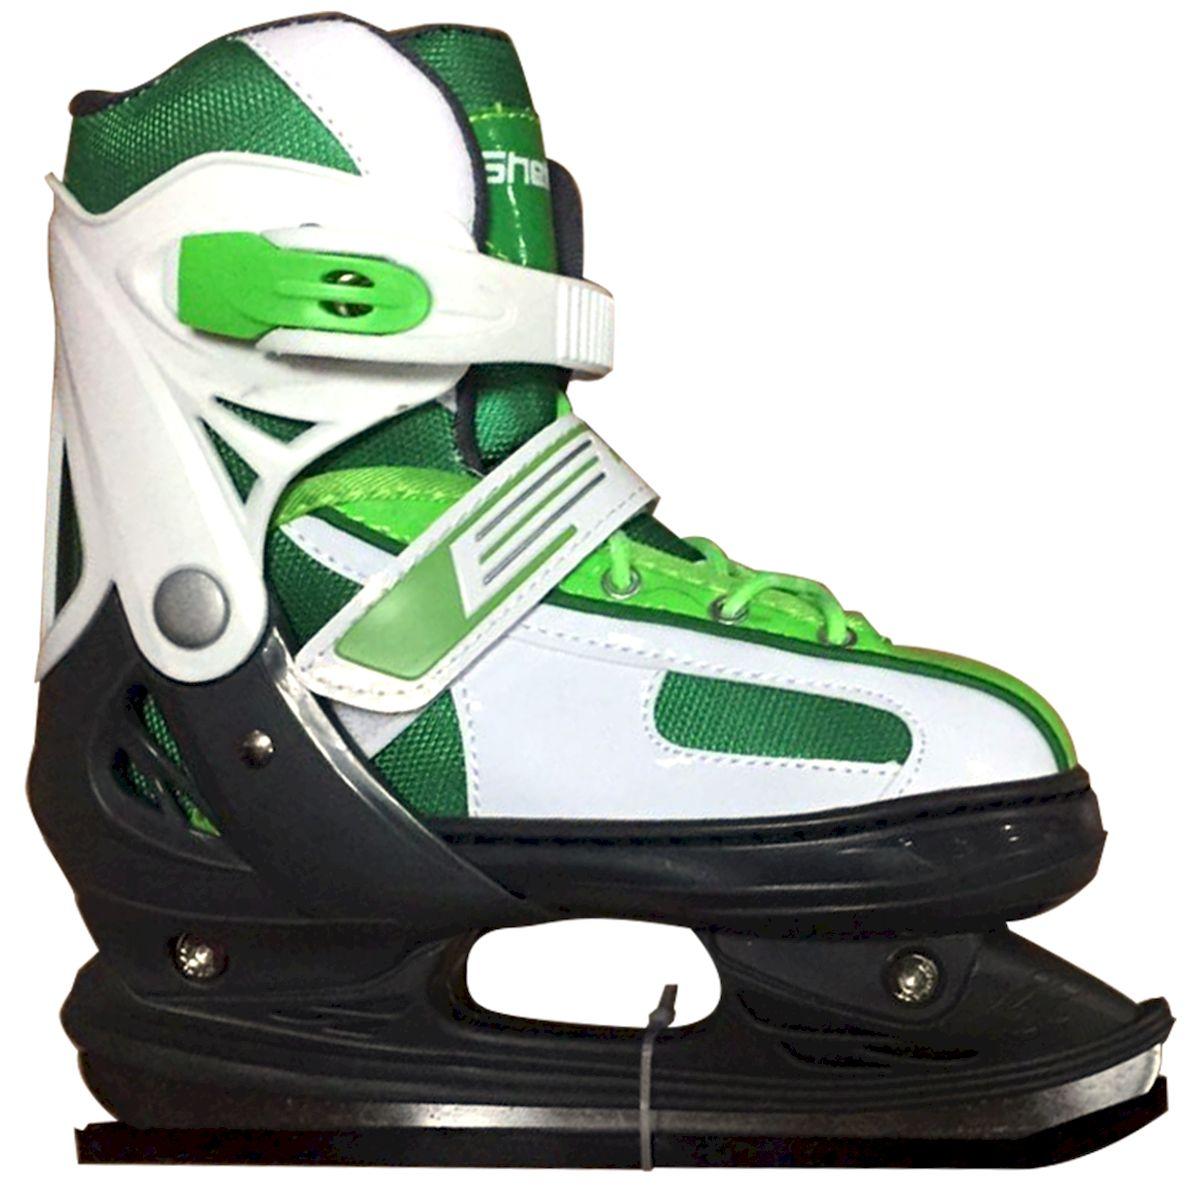 Коньки ледовые Ice Blade Shelby, раздвижные, цвет: черный, зеленый, белый. УТ-00009127. Размер L (38/41)